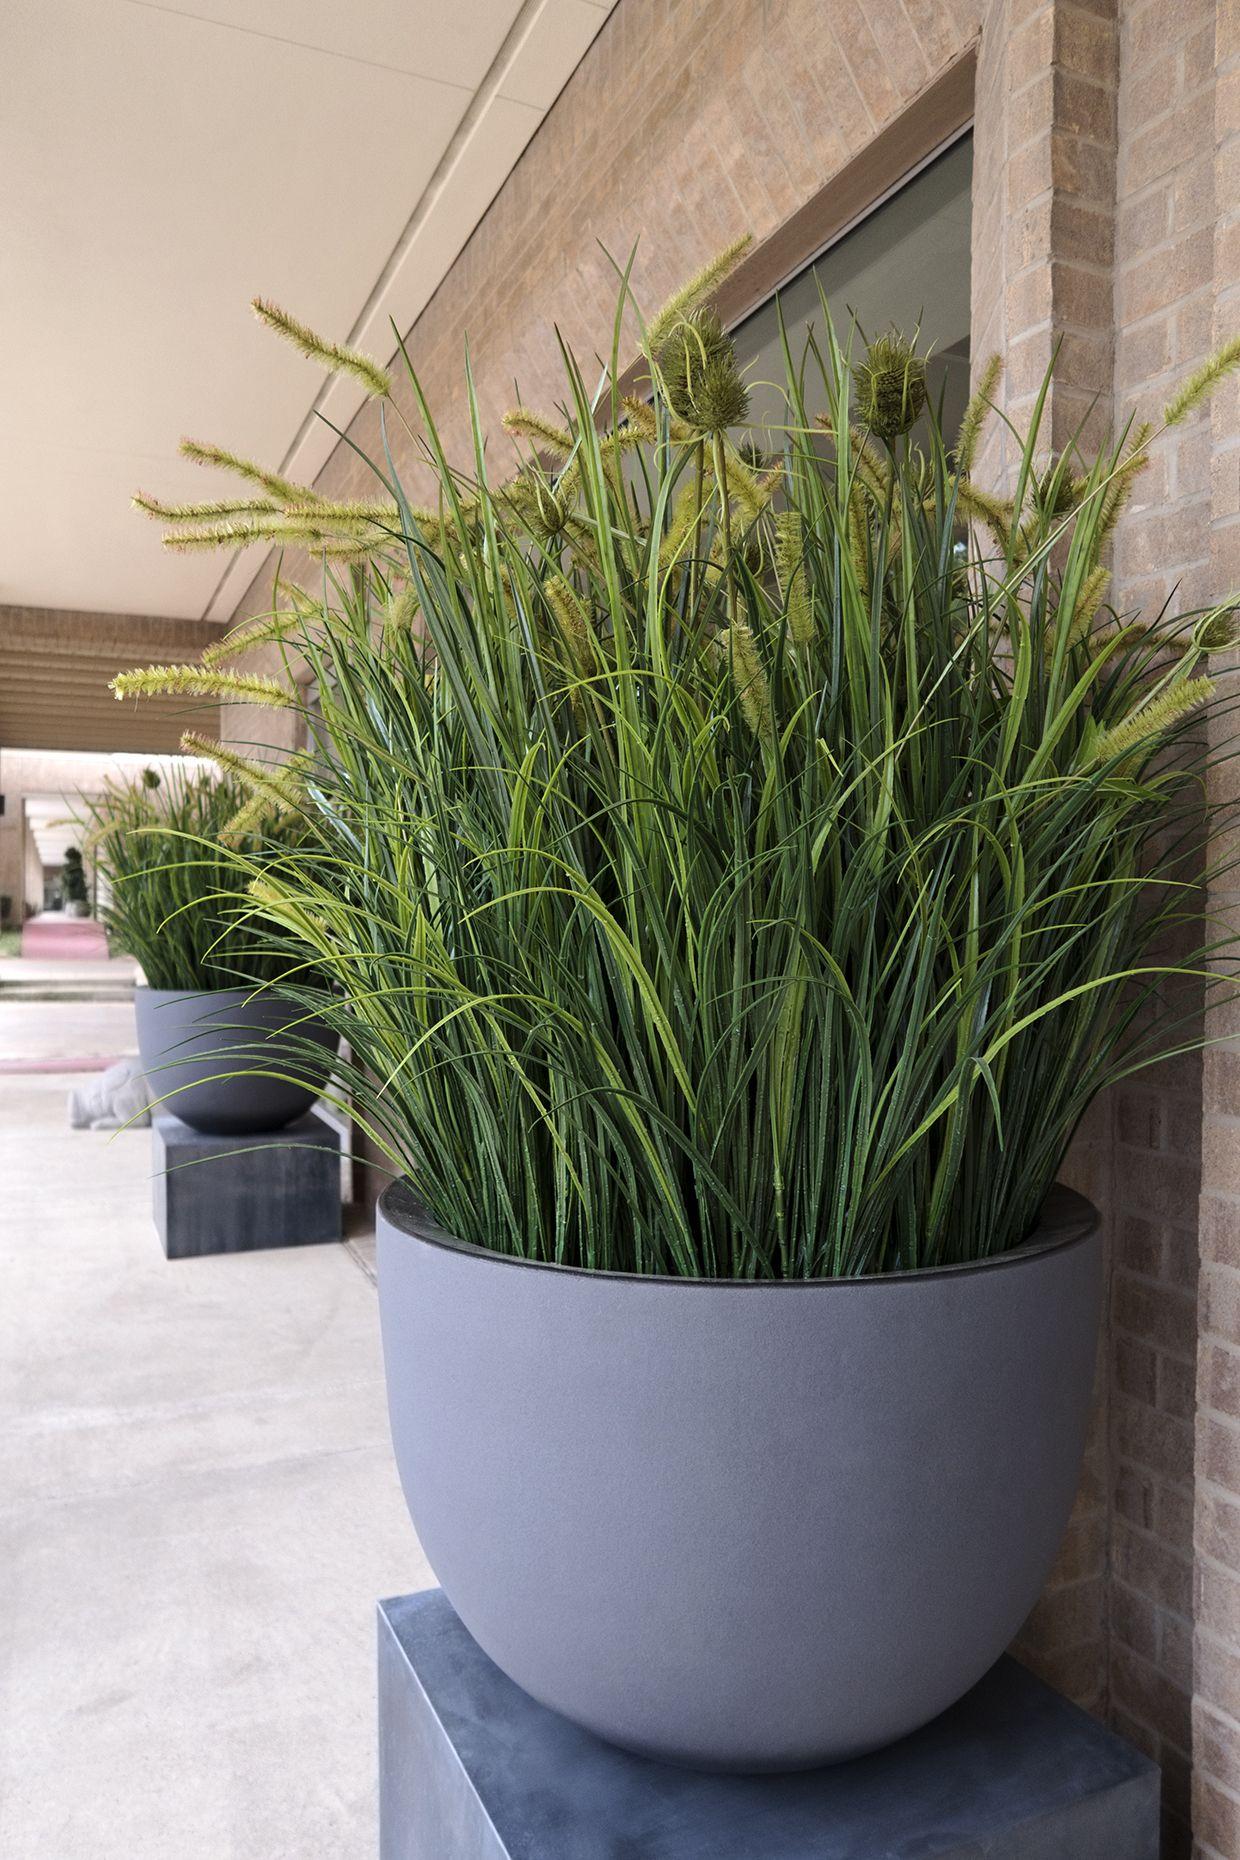 Grassen In Pot.Grassen Worden Ook Meer En Meer In Pot Geplant Een Mooie Eyecatcher